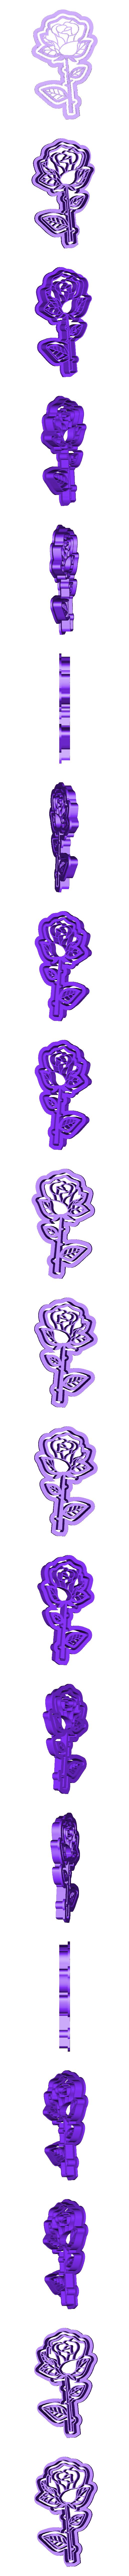 1570 Rosita 2.stl Télécharger fichier STL Set de rosiers • Objet pour impression 3D, juanchininaiara